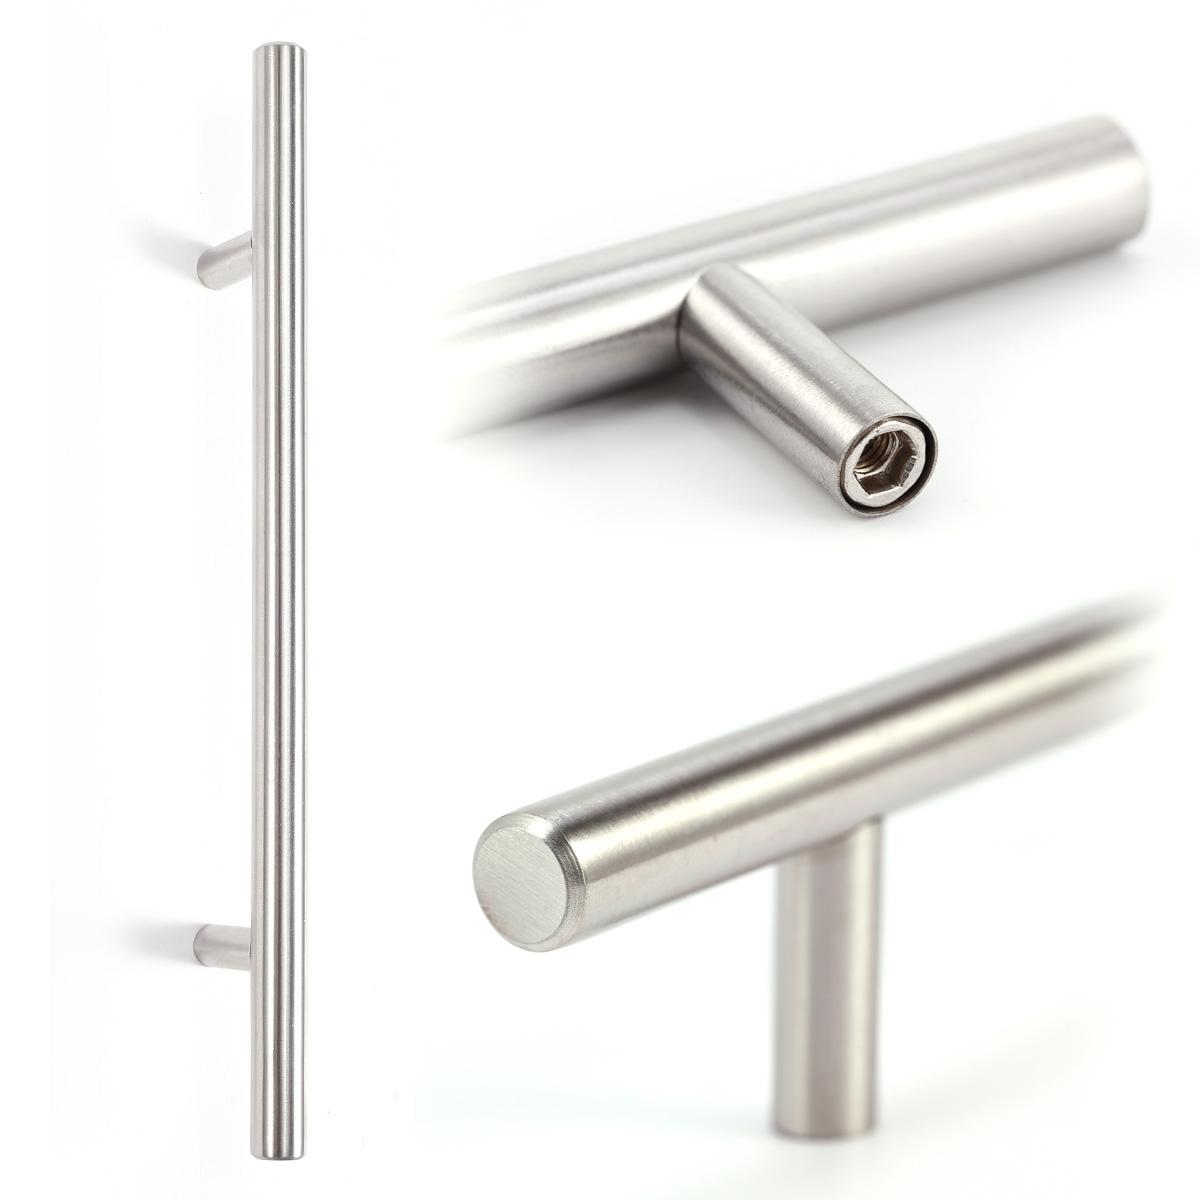 20x poign e barre en t inox avec vis pour cuisine meuble armoire placard tiroir ebay - Poignee pour meuble cuisine ...